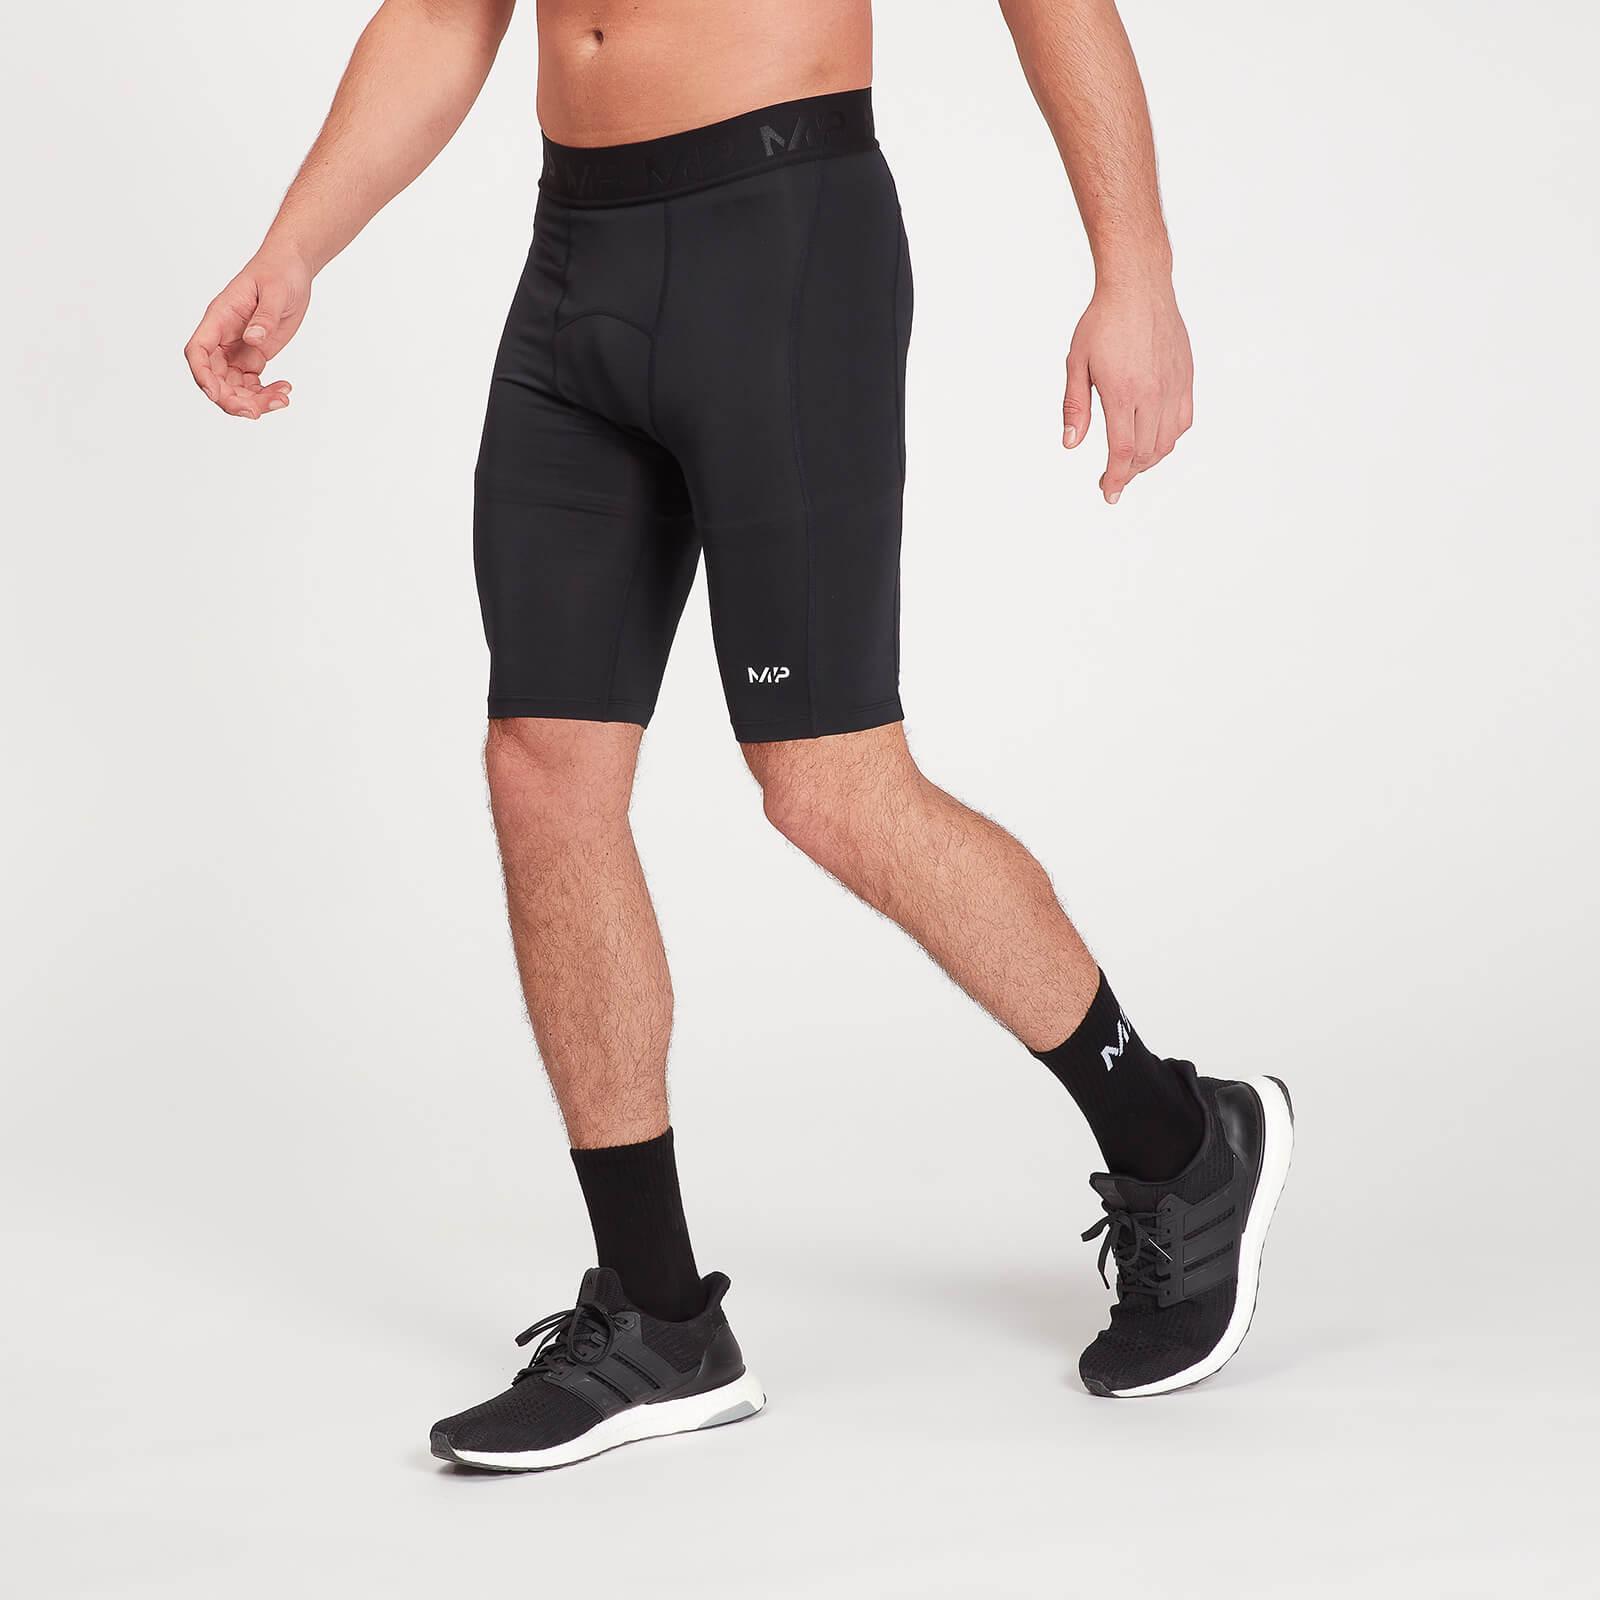 Mp Pantaloncini sportivi attillati Essentials Base da uomo - Neri - XL